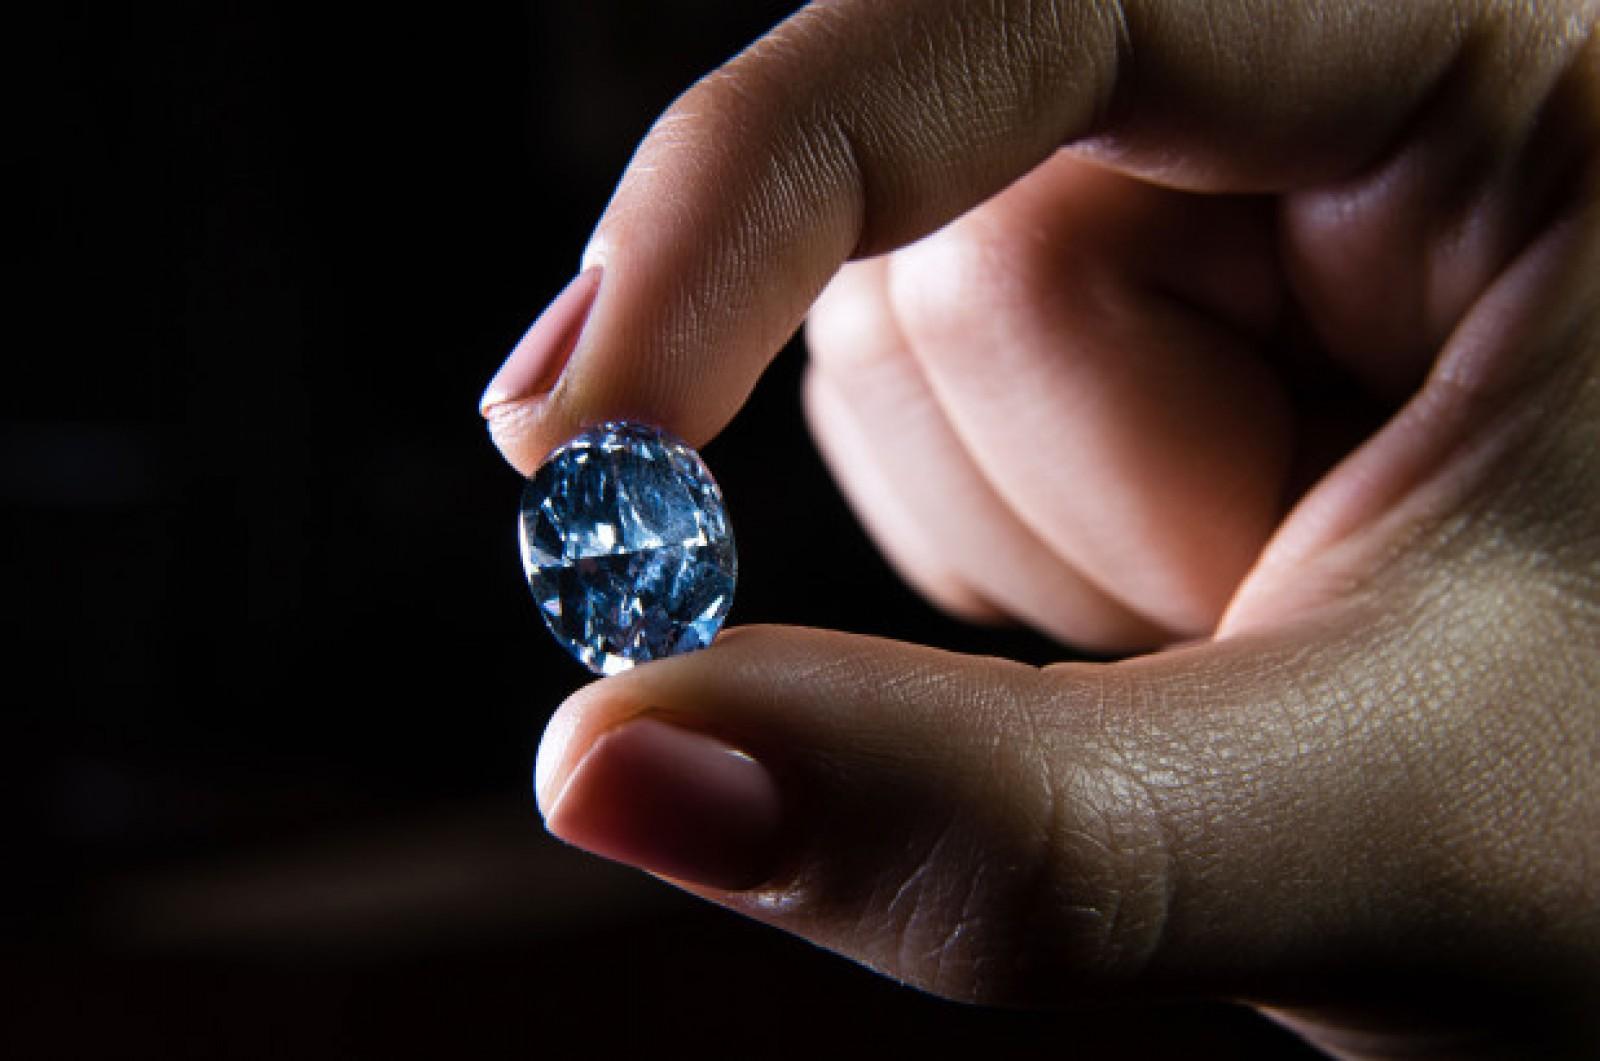 (studiu) Diamantele albastre se formează în apa marină rămasă captivă în profunzimile Terrei